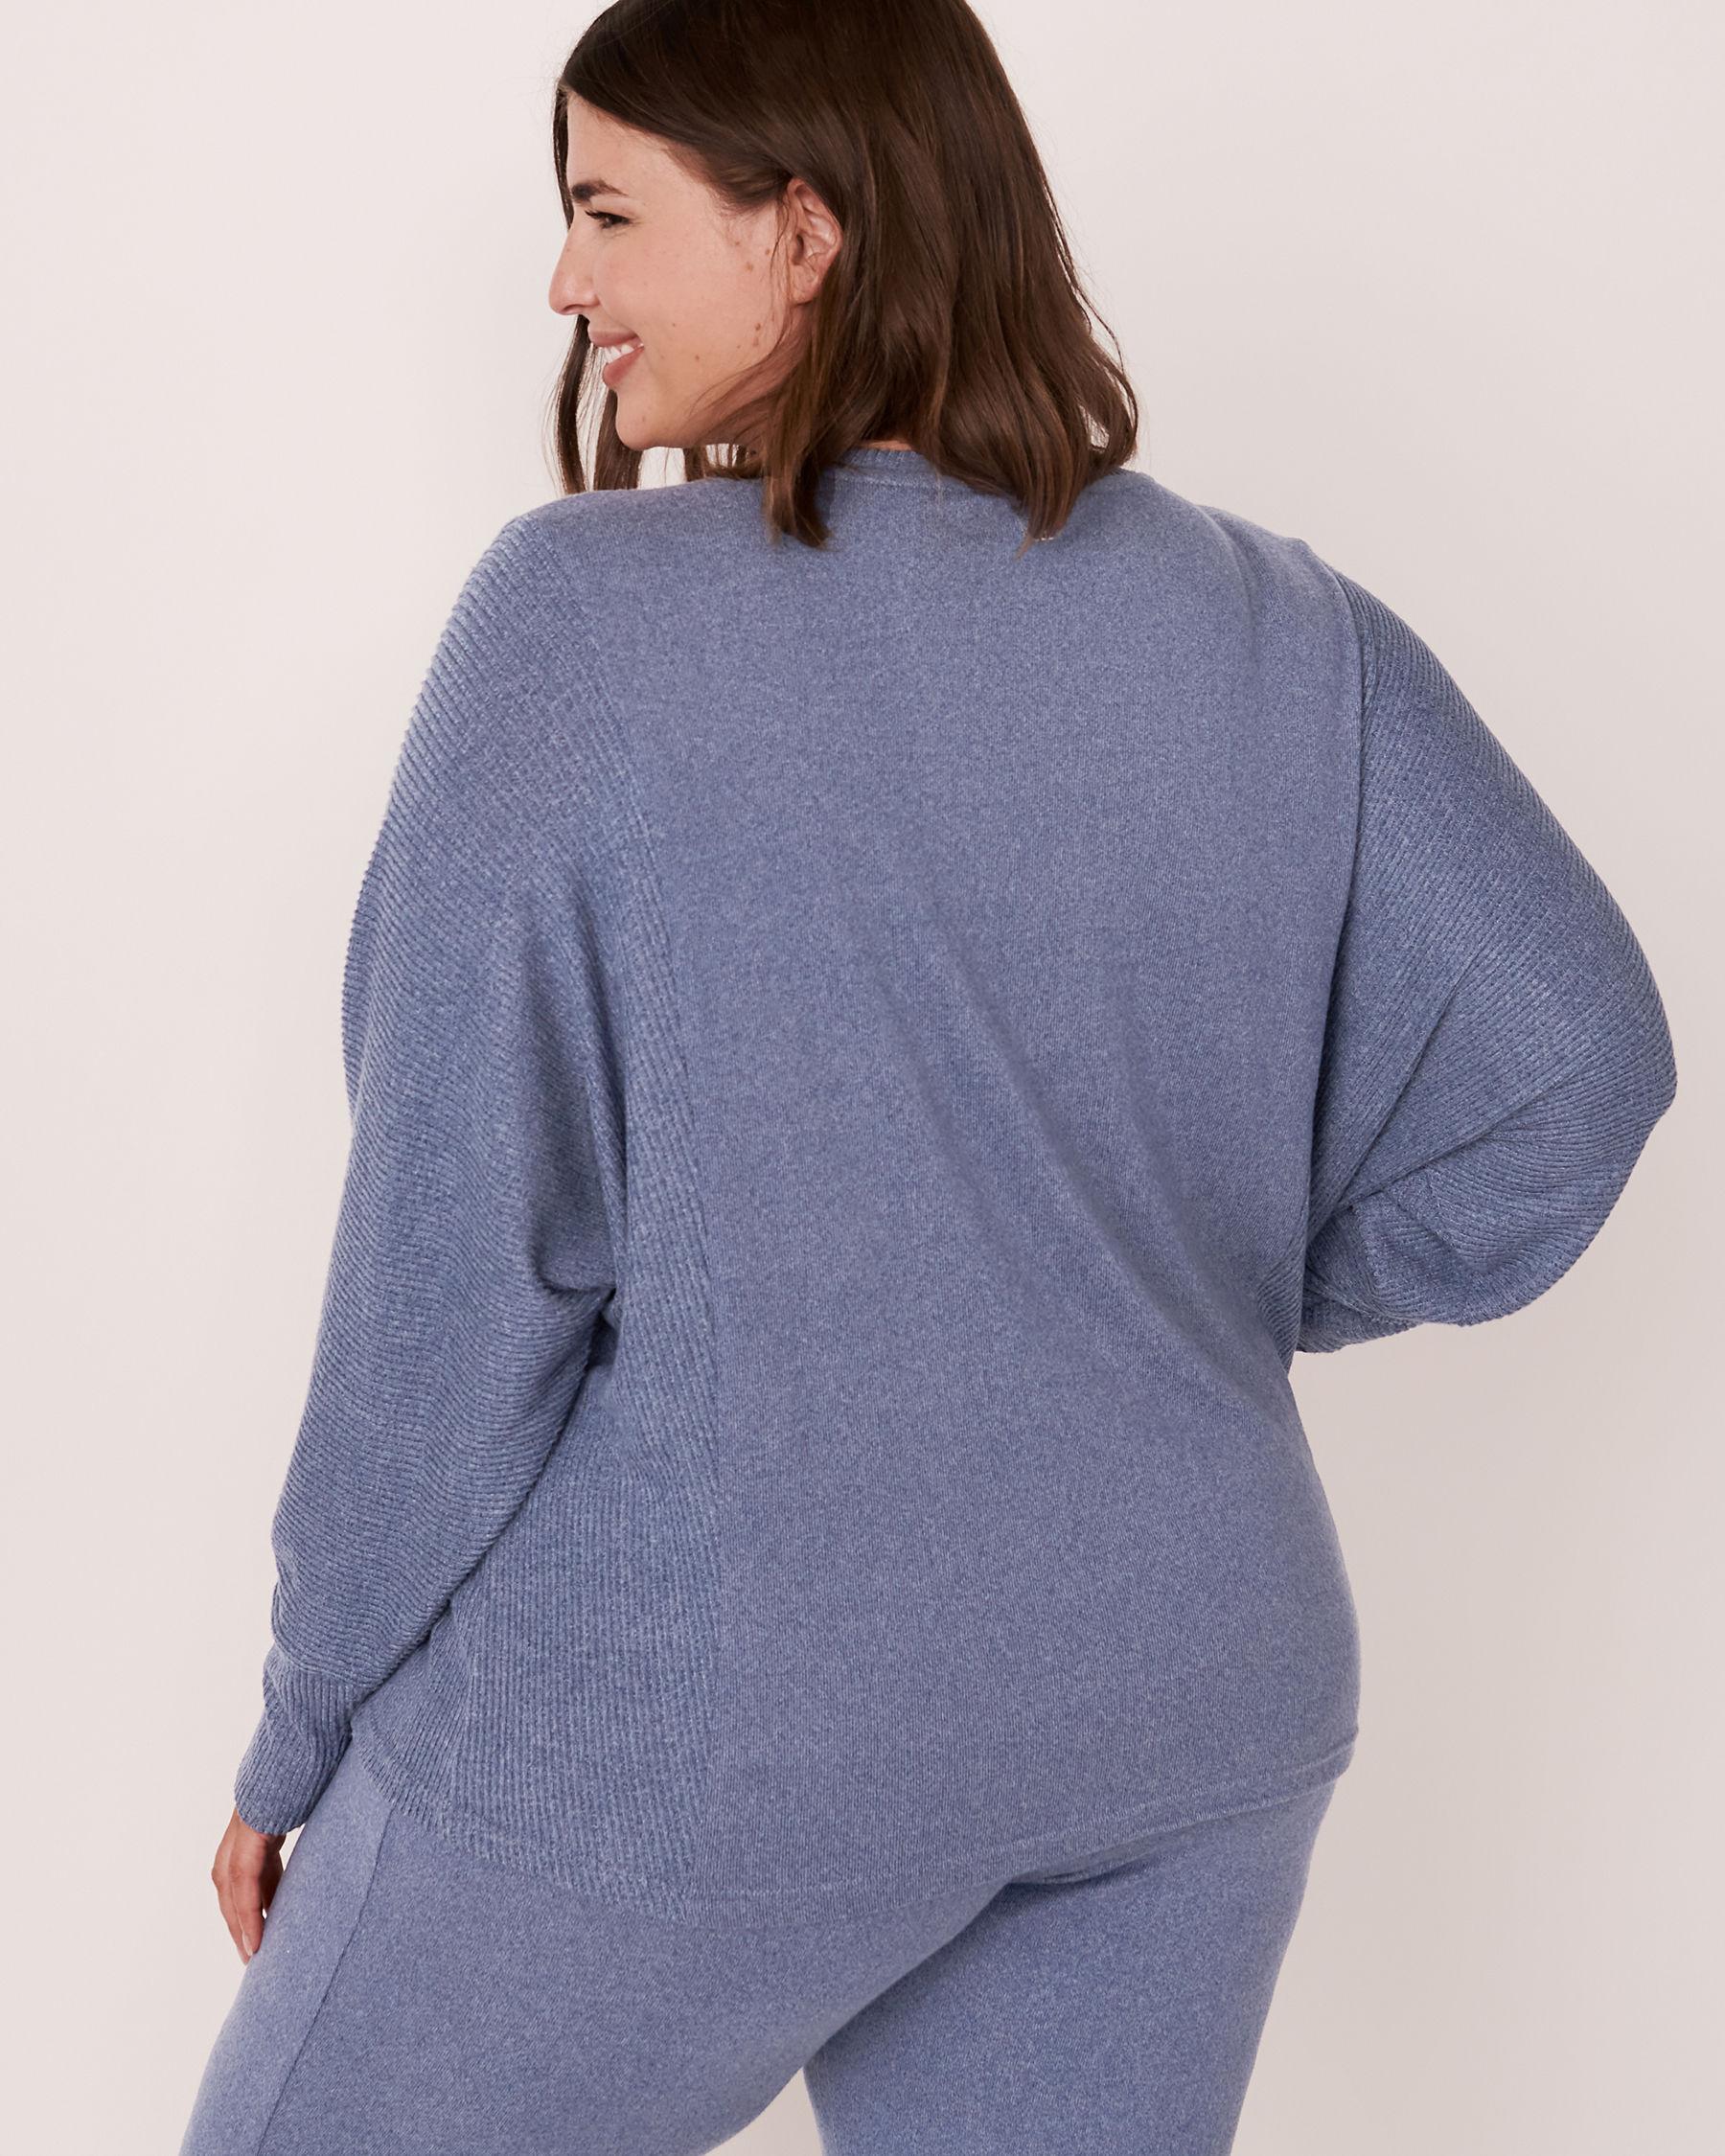 LA VIE EN ROSE Chandail manches longues en tricot doux Mélange bleu jeans 50100012 - Voir5